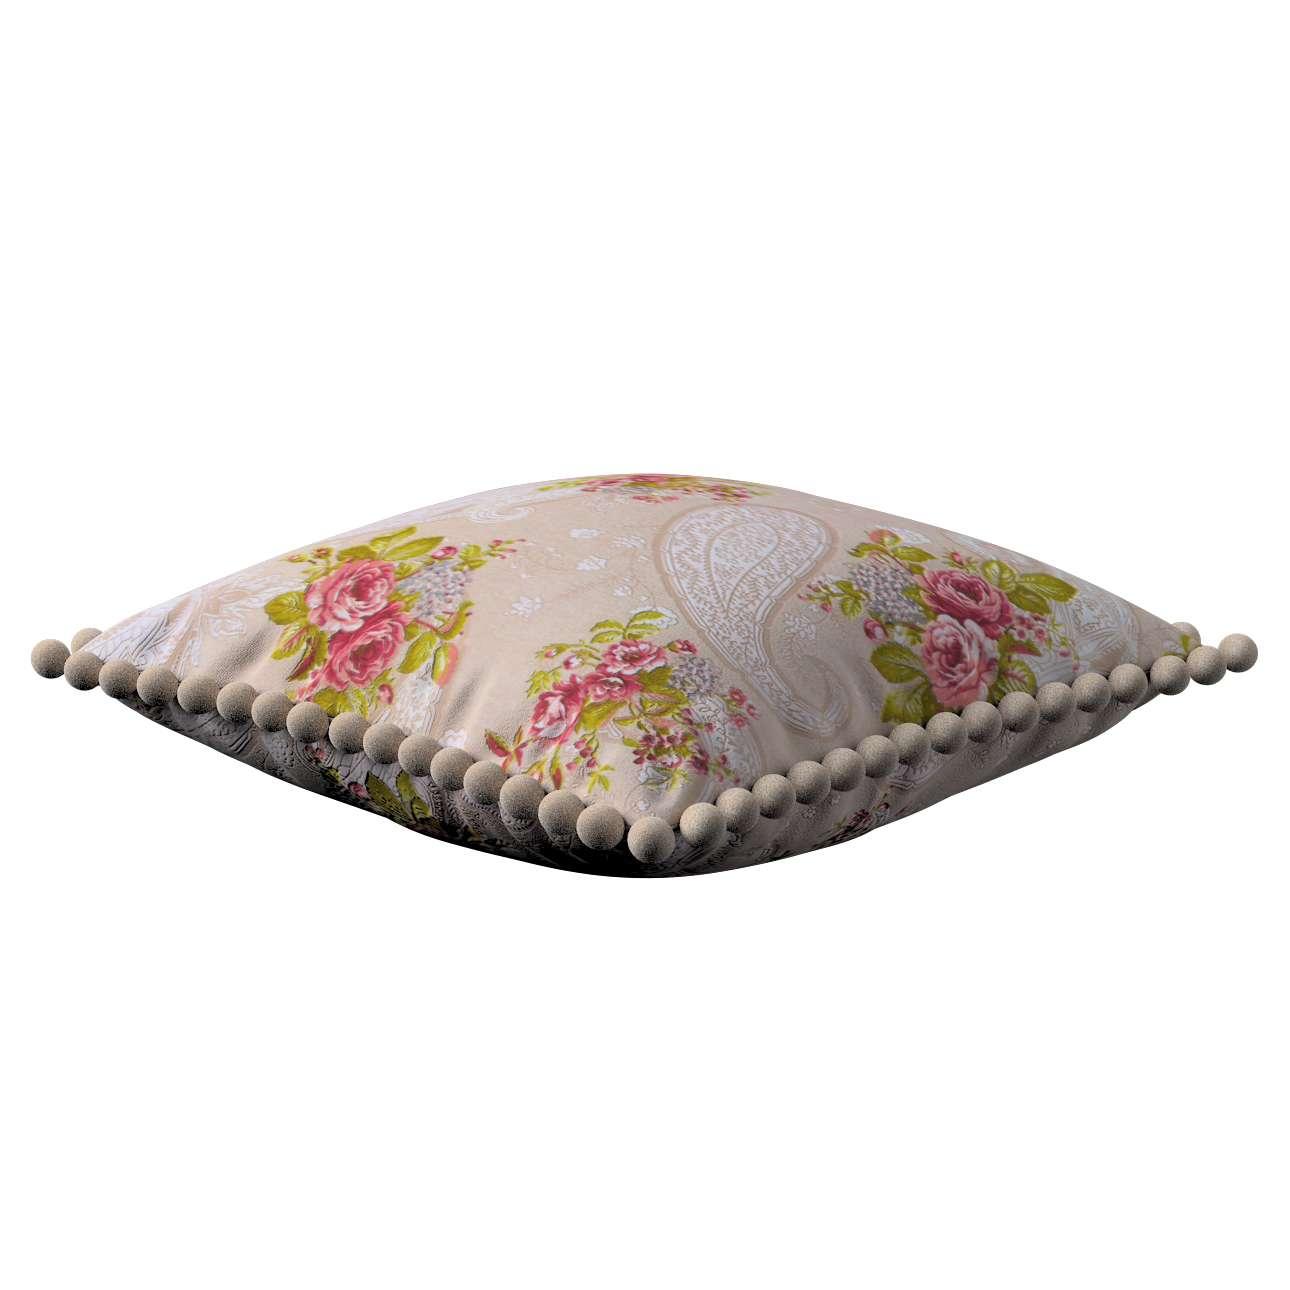 Wera dekoratyvinės pagalvėlės su žaismingais kraštais 45 x 45 cm kolekcijoje Flowers, audinys: 311-15